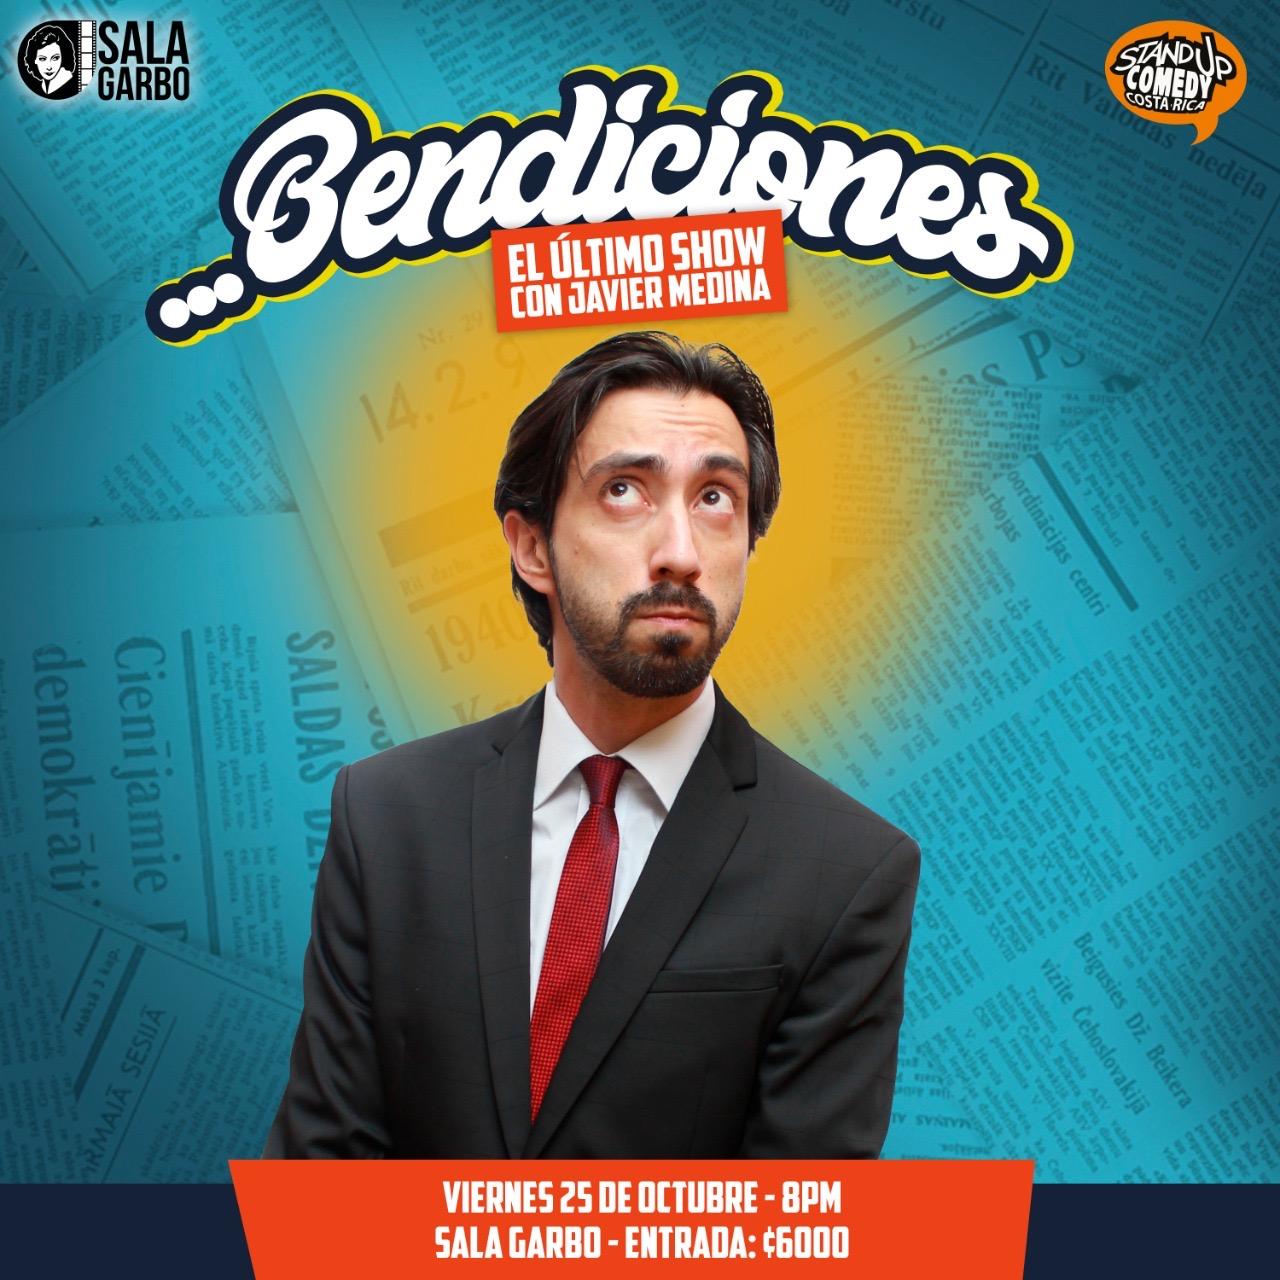 Show Bendiciones. Con Javier Medina